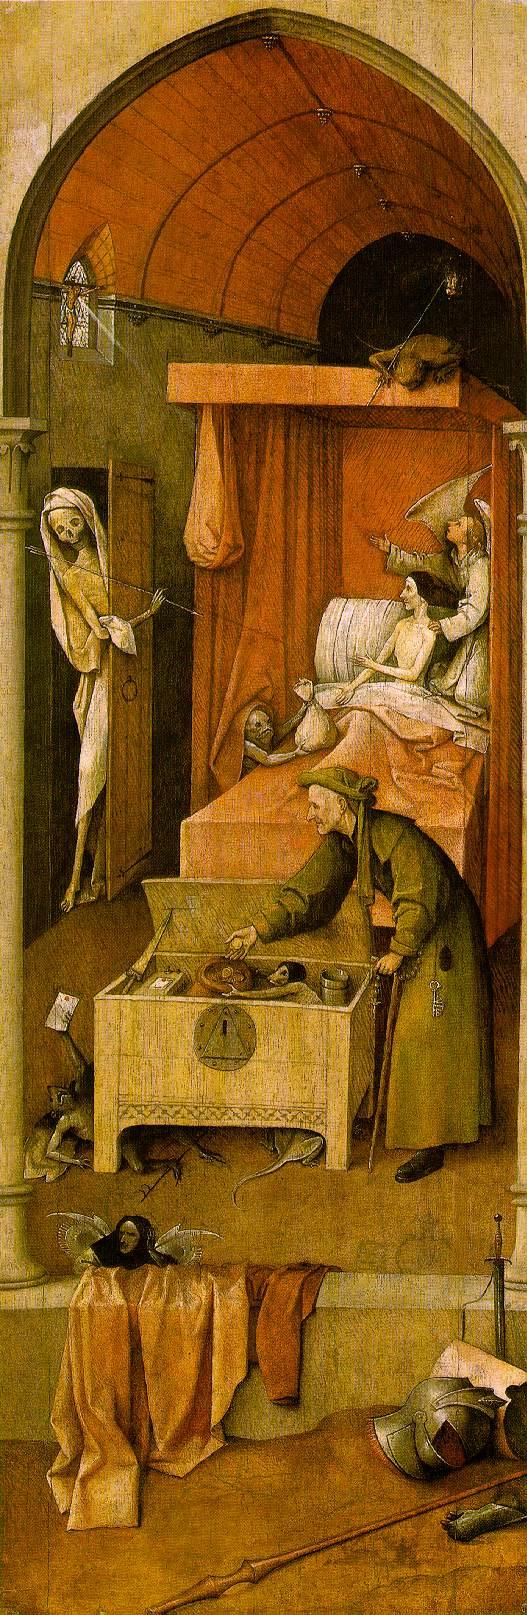 O θάνατος κι ο φιλάργυρος -Hieronymus Bosch 1516